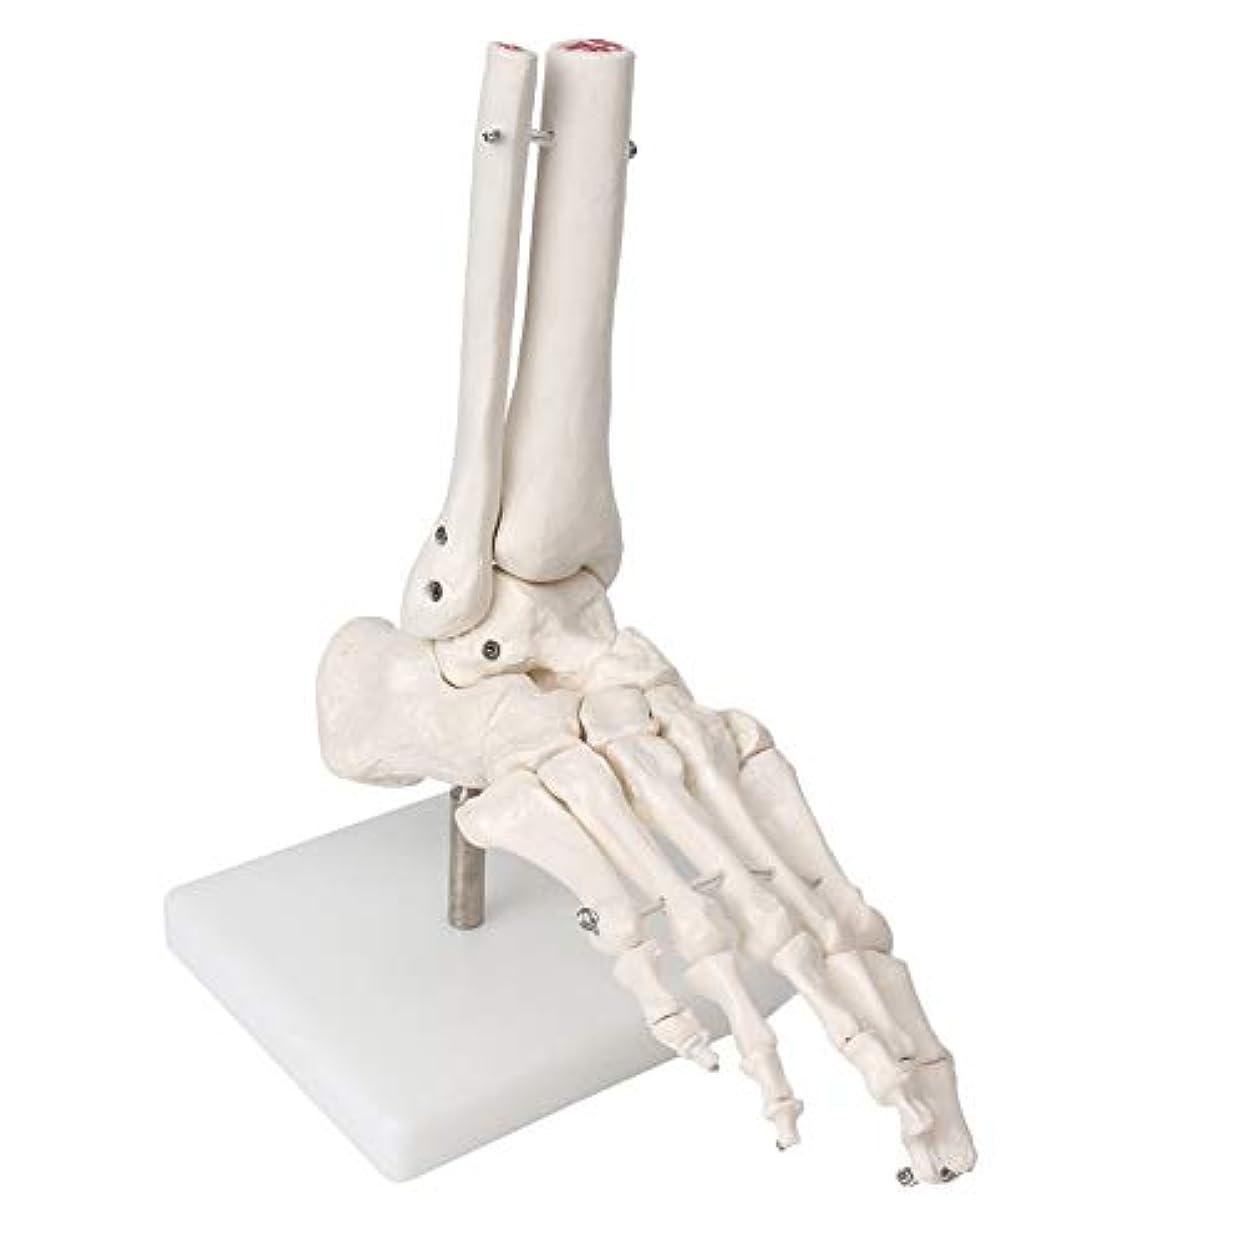 修復目覚める会議Beautyladys 医用 足骨モデル 足関節模型 足骨格模型 人体模型 学習用 展示用 教育研究用 1個